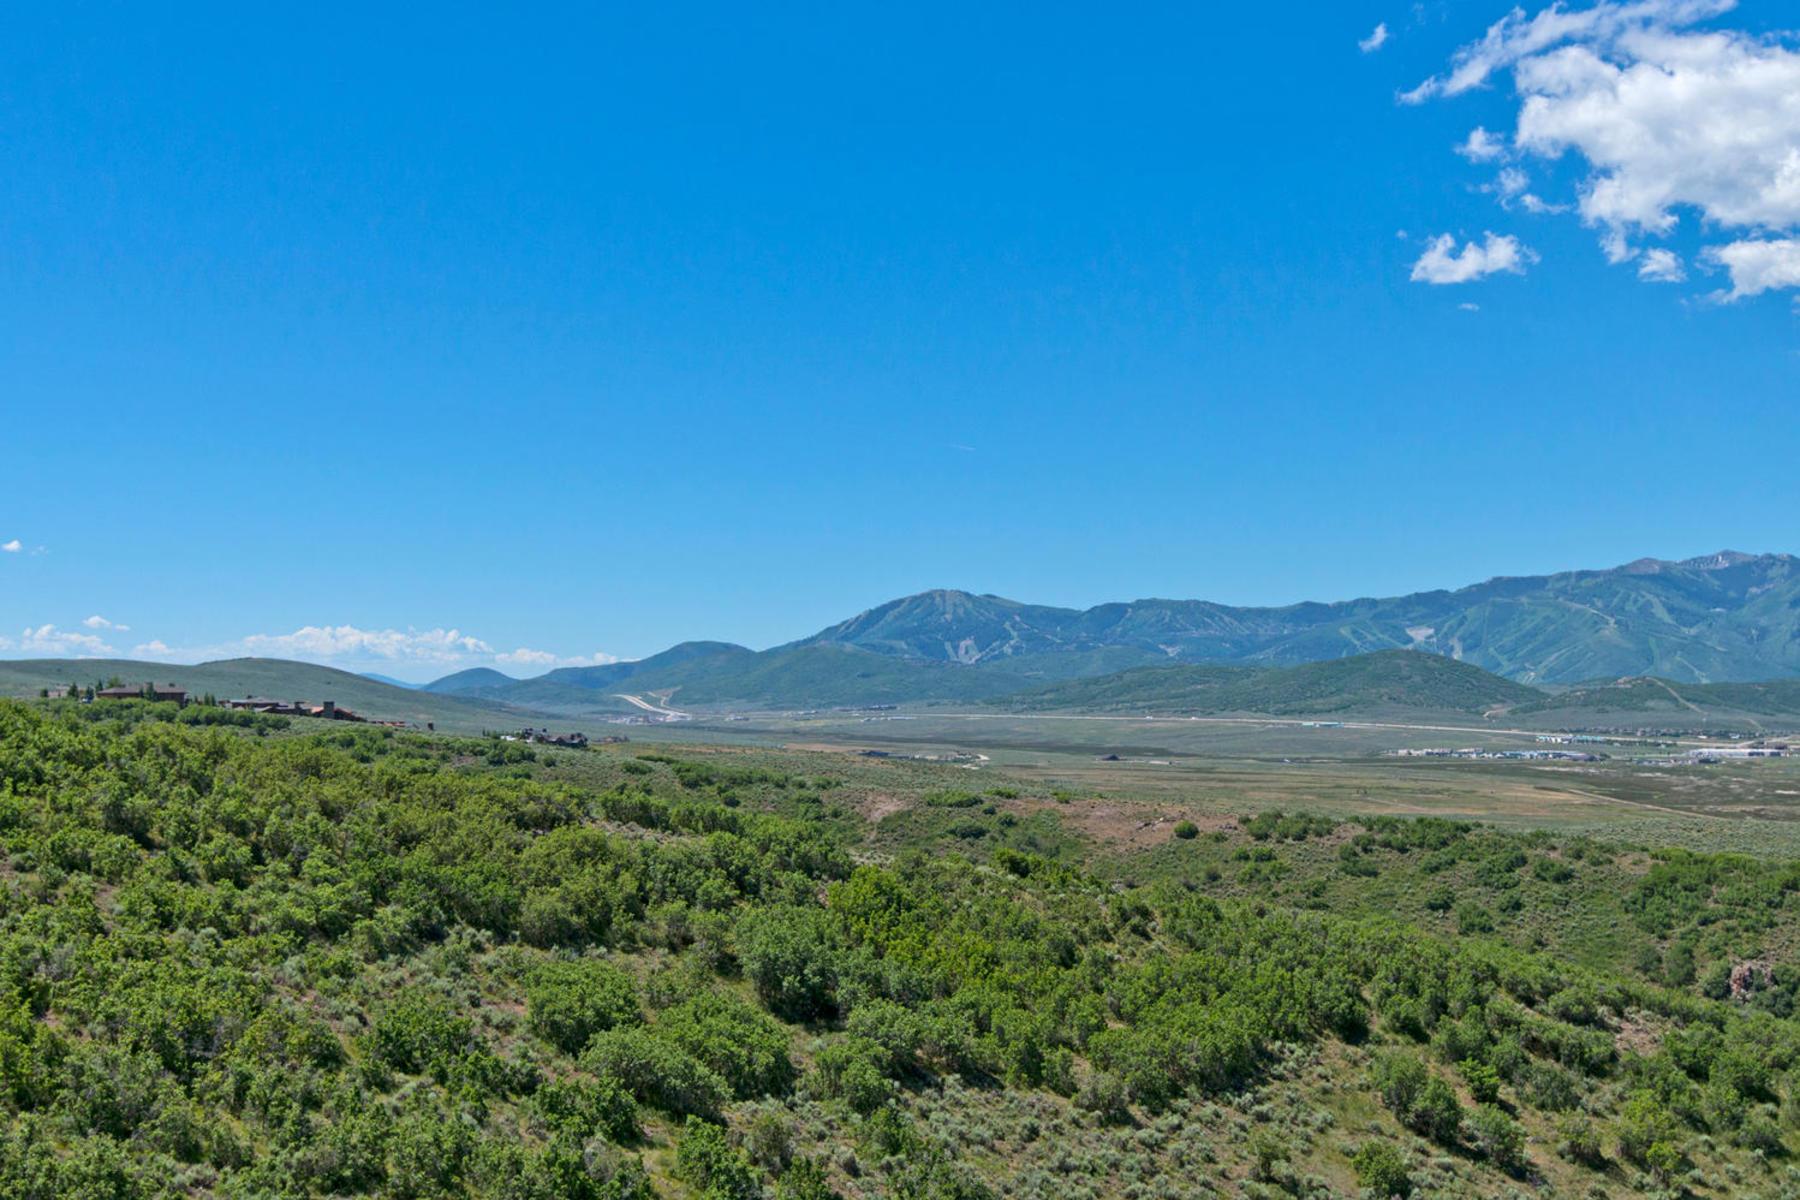 Земля для того Продажа на Amazing Promontory Lot Backing to Open Space 2380 Canyon Gate Rd Lot 78 Park City, Юта, 84098 Соединенные Штаты